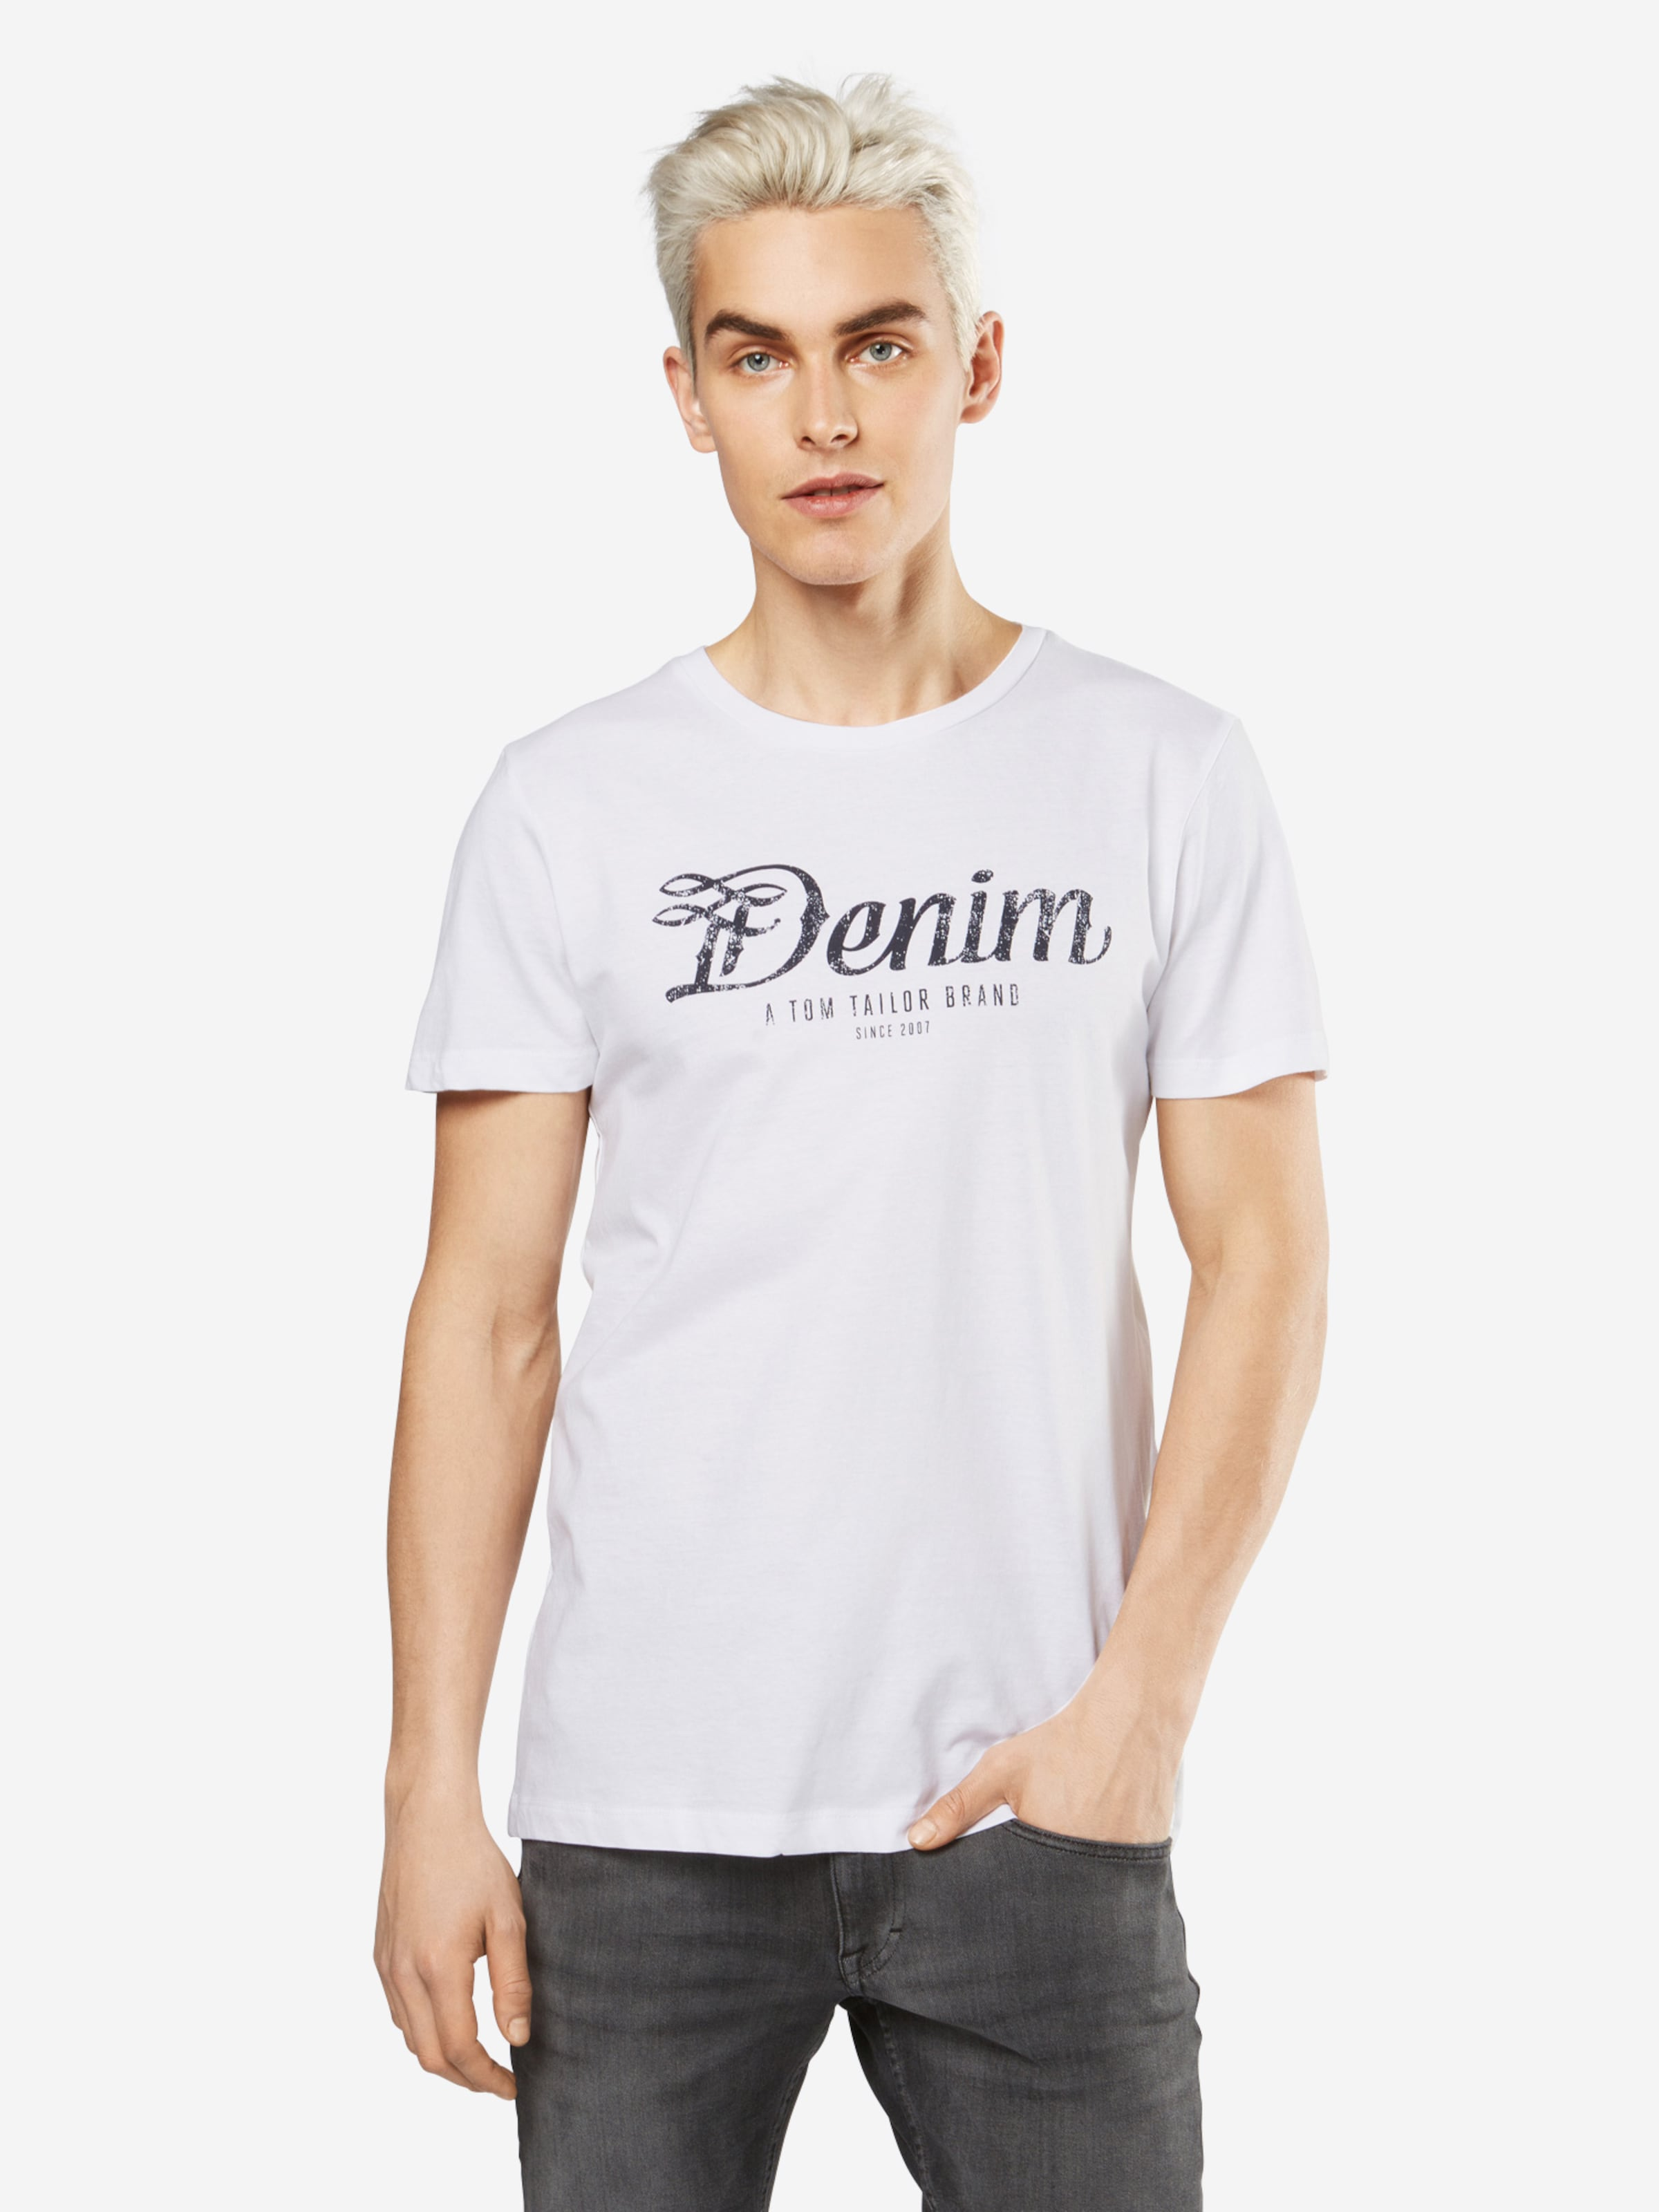 TOM TAILOR DENIM T-Shirt 'NOS crewneck tee with print' Spielraum 2018 Neu Bilder Freies Verschiffen Neue Stile 100% Original Freies Verschiffen Neue VIR9Hq